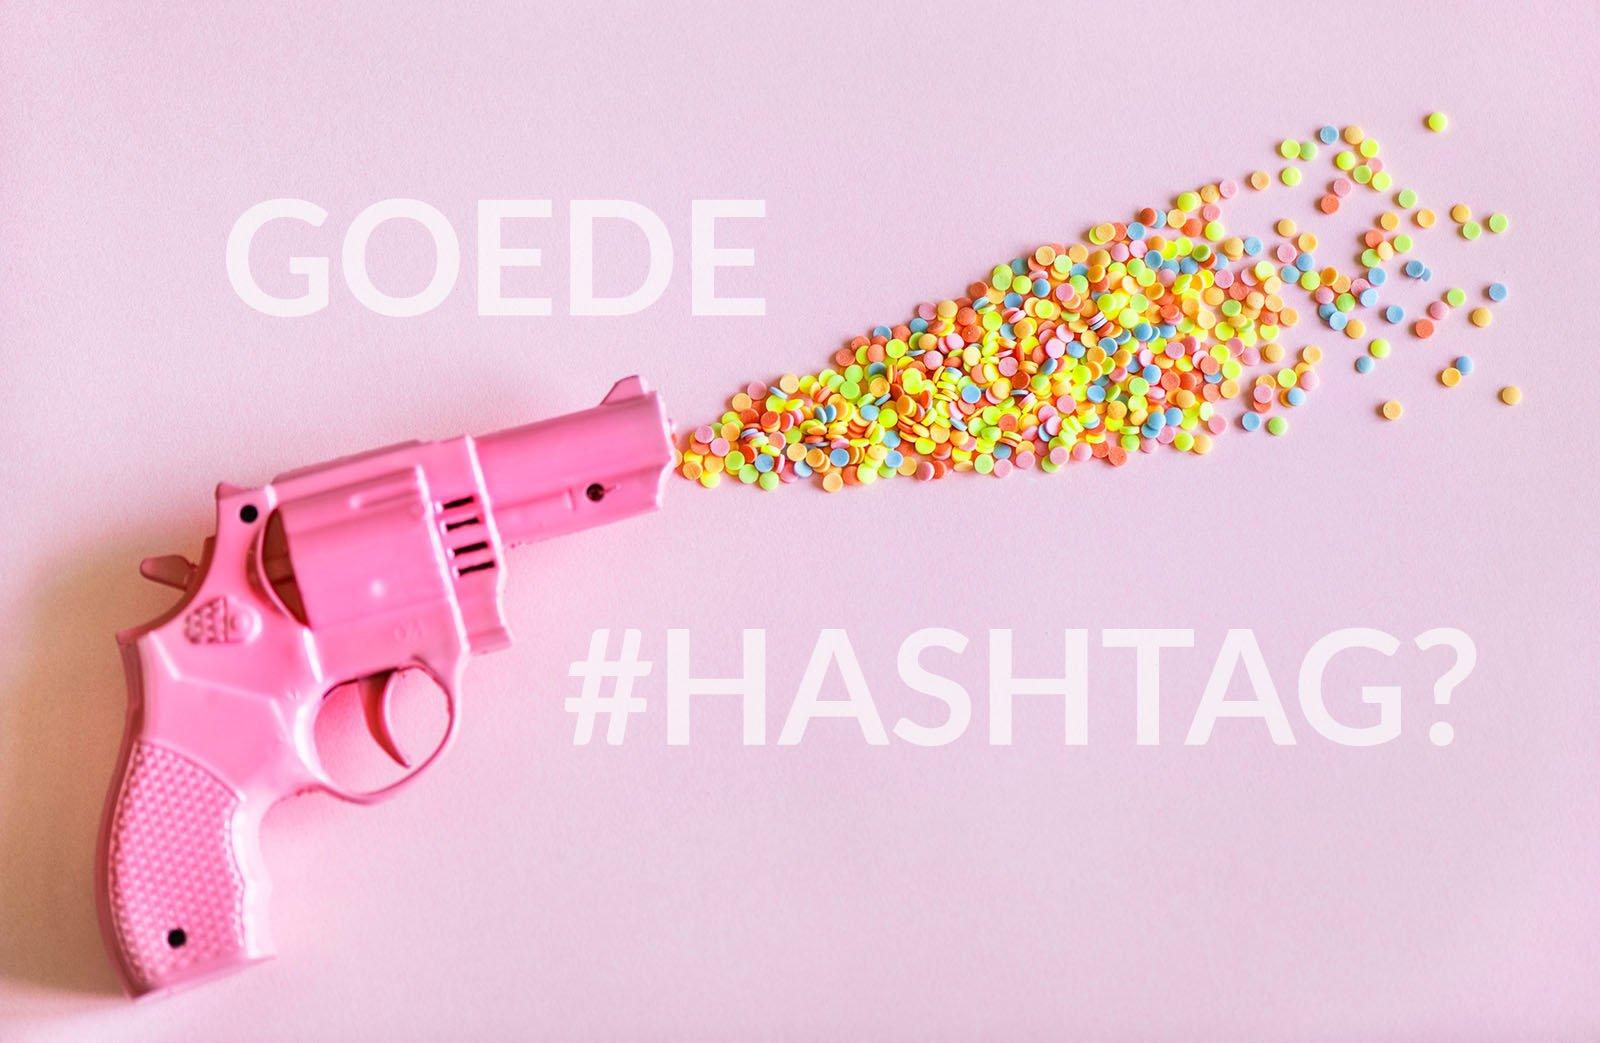 goede hashtag vinden voor instagram